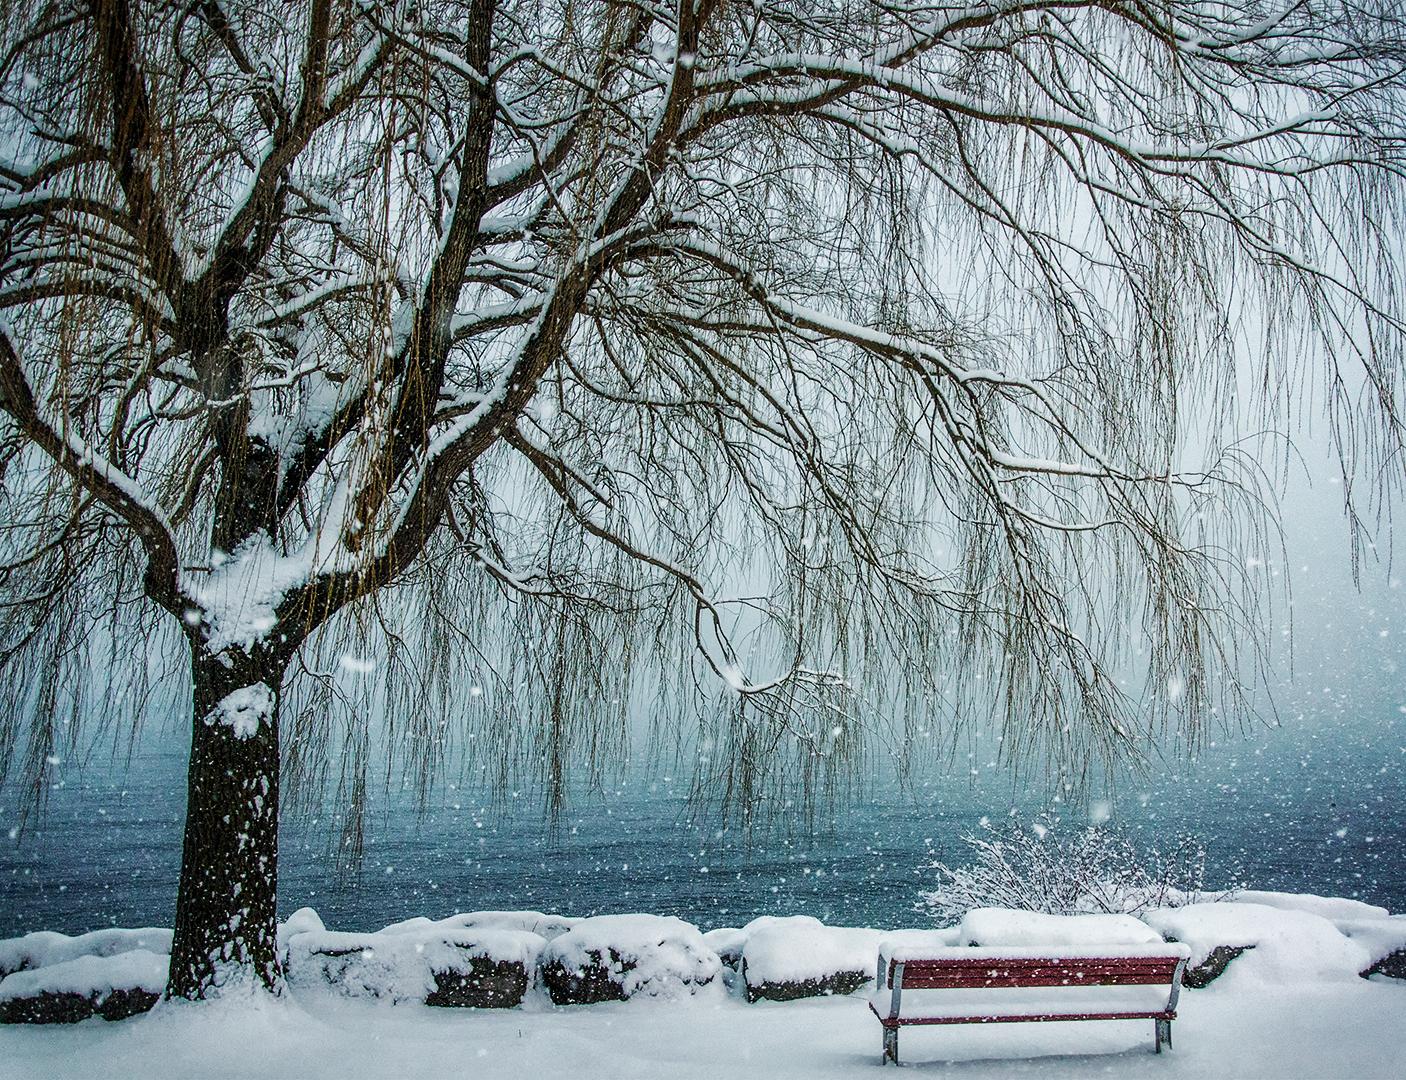 Jim Prieur – Winter Reflections – HM